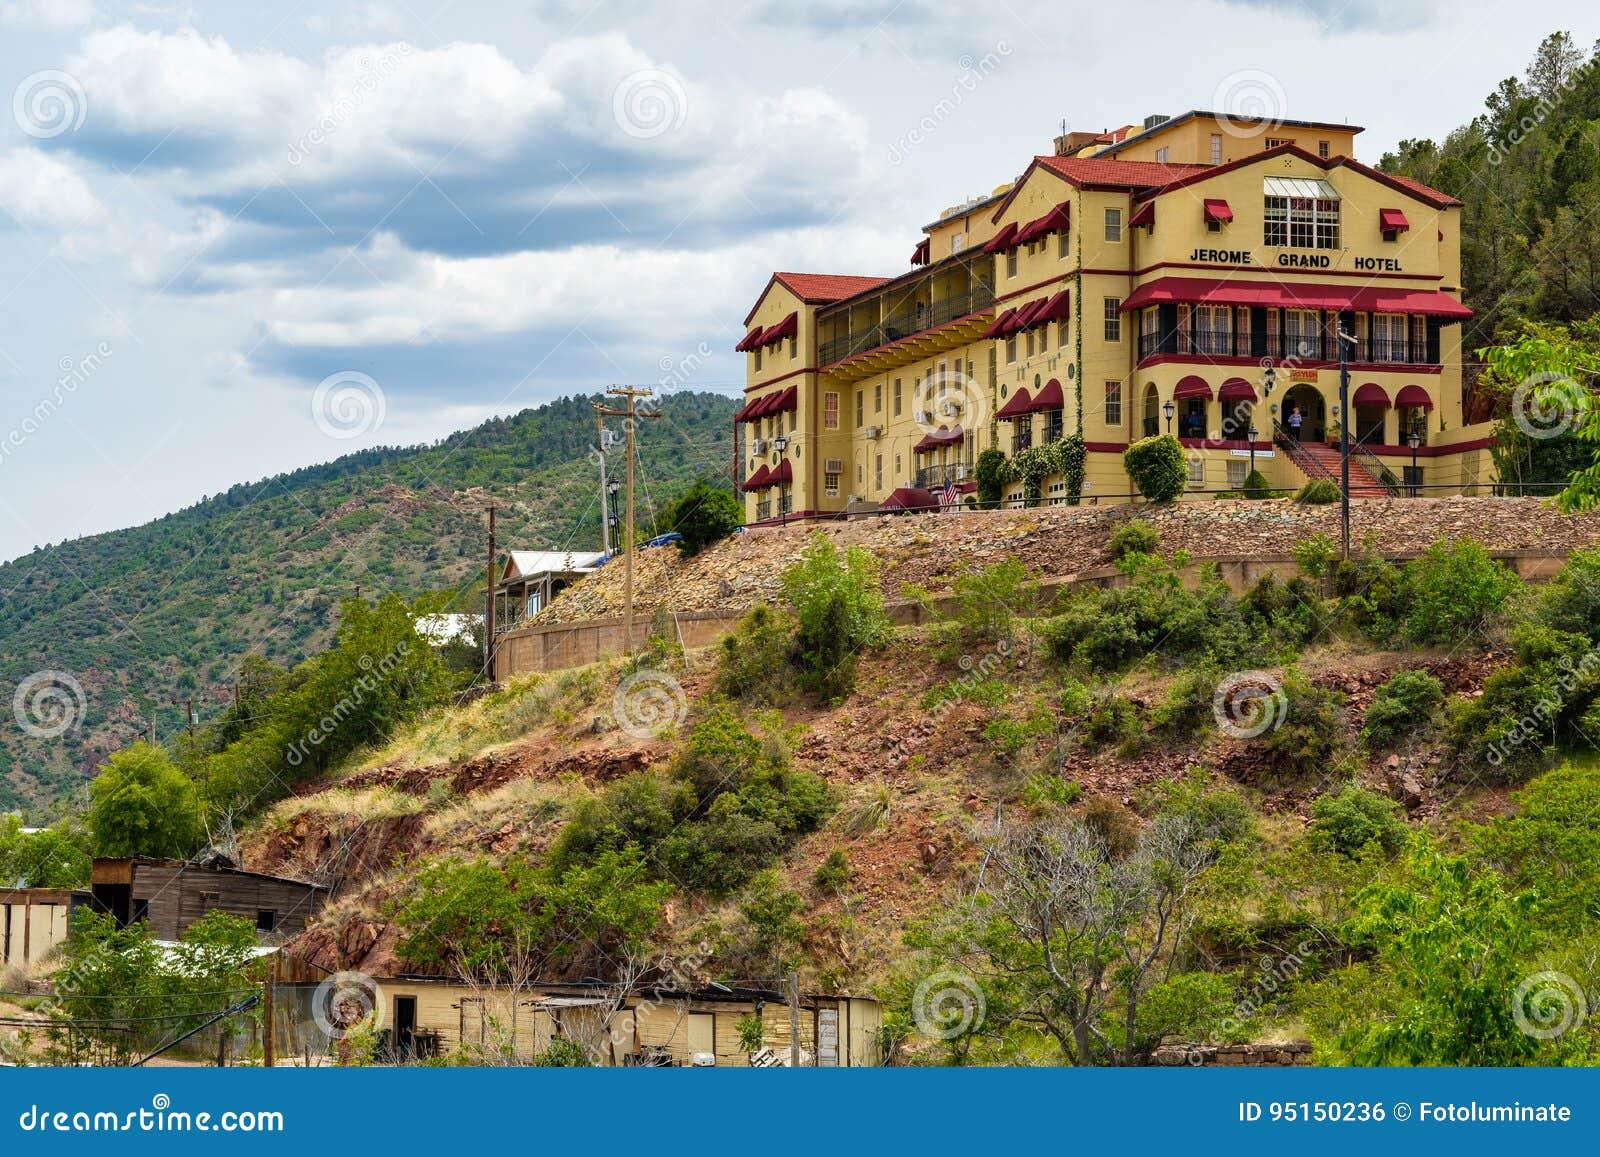 Jerome Grand Hotel Redaktionelles Foto Bild Von Verde 95150236